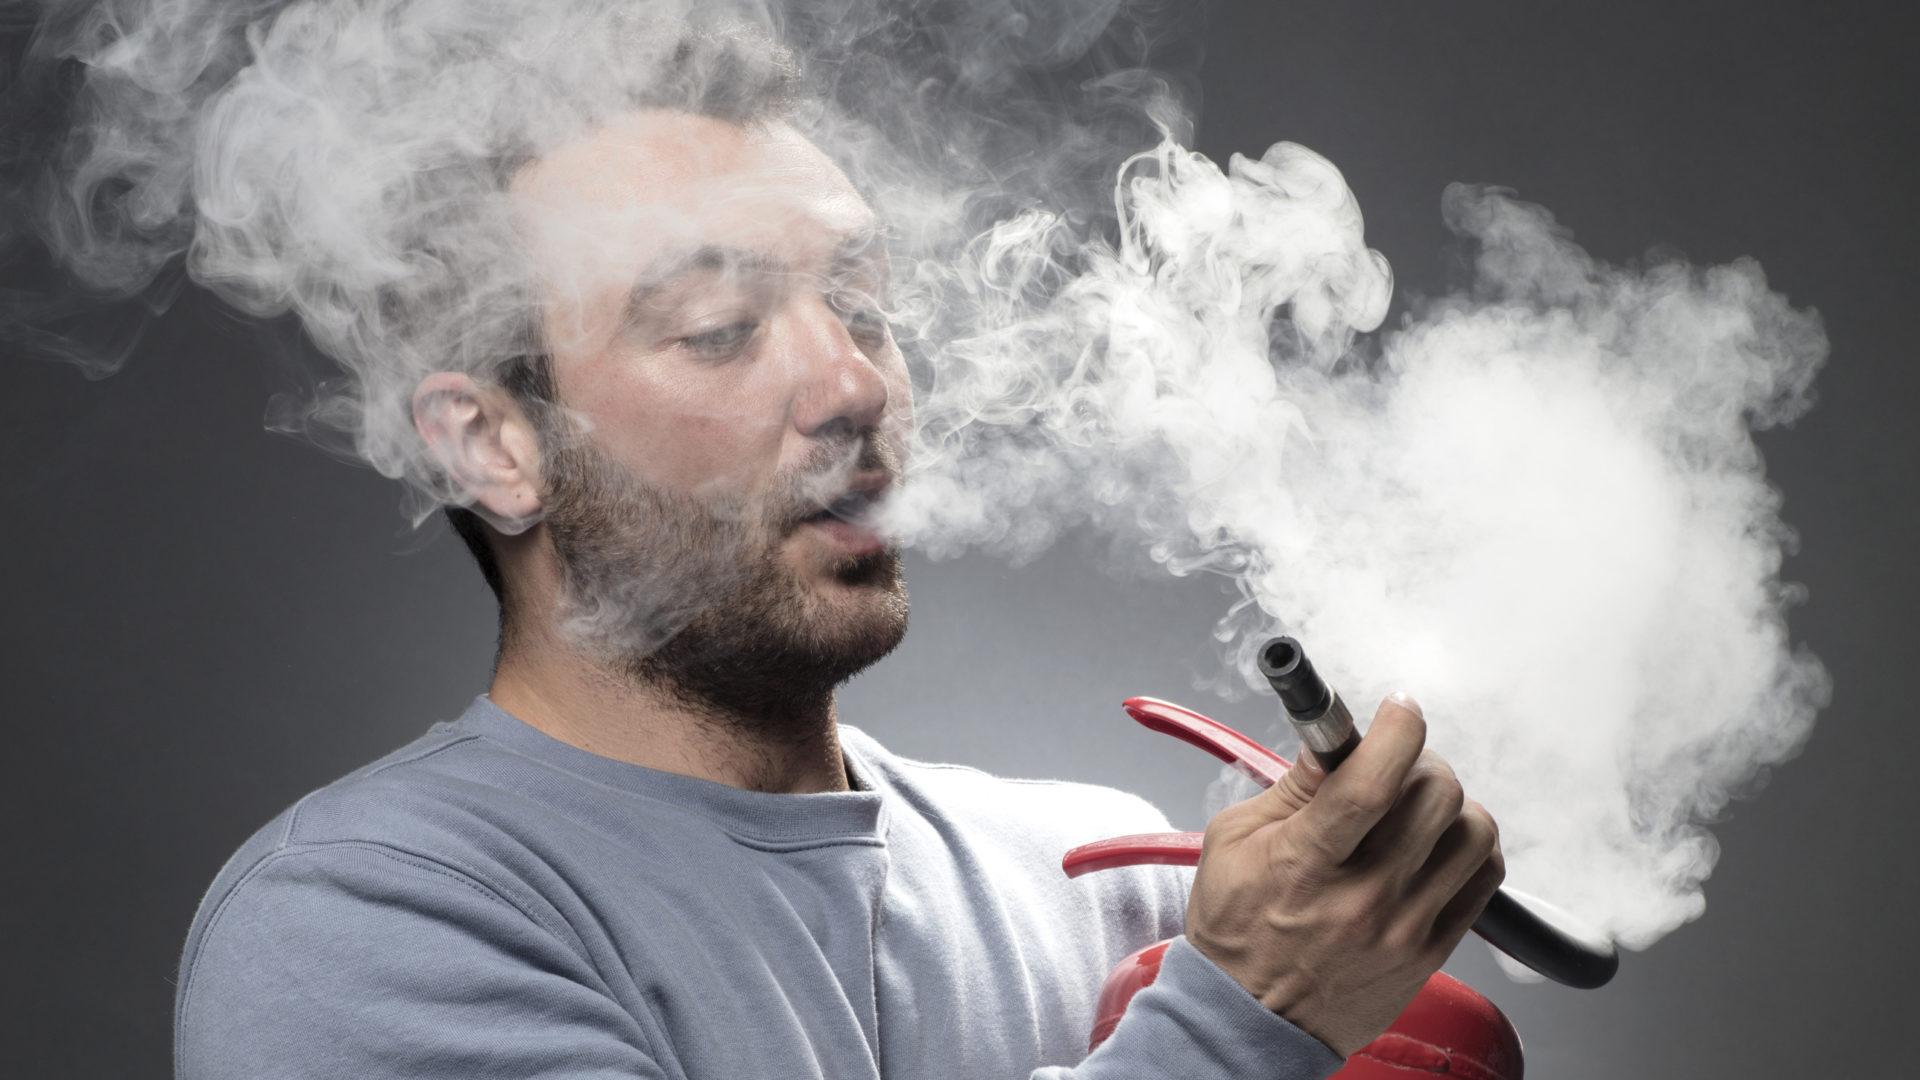 Sammutusaineen hengittäminen voi olla haitallista.